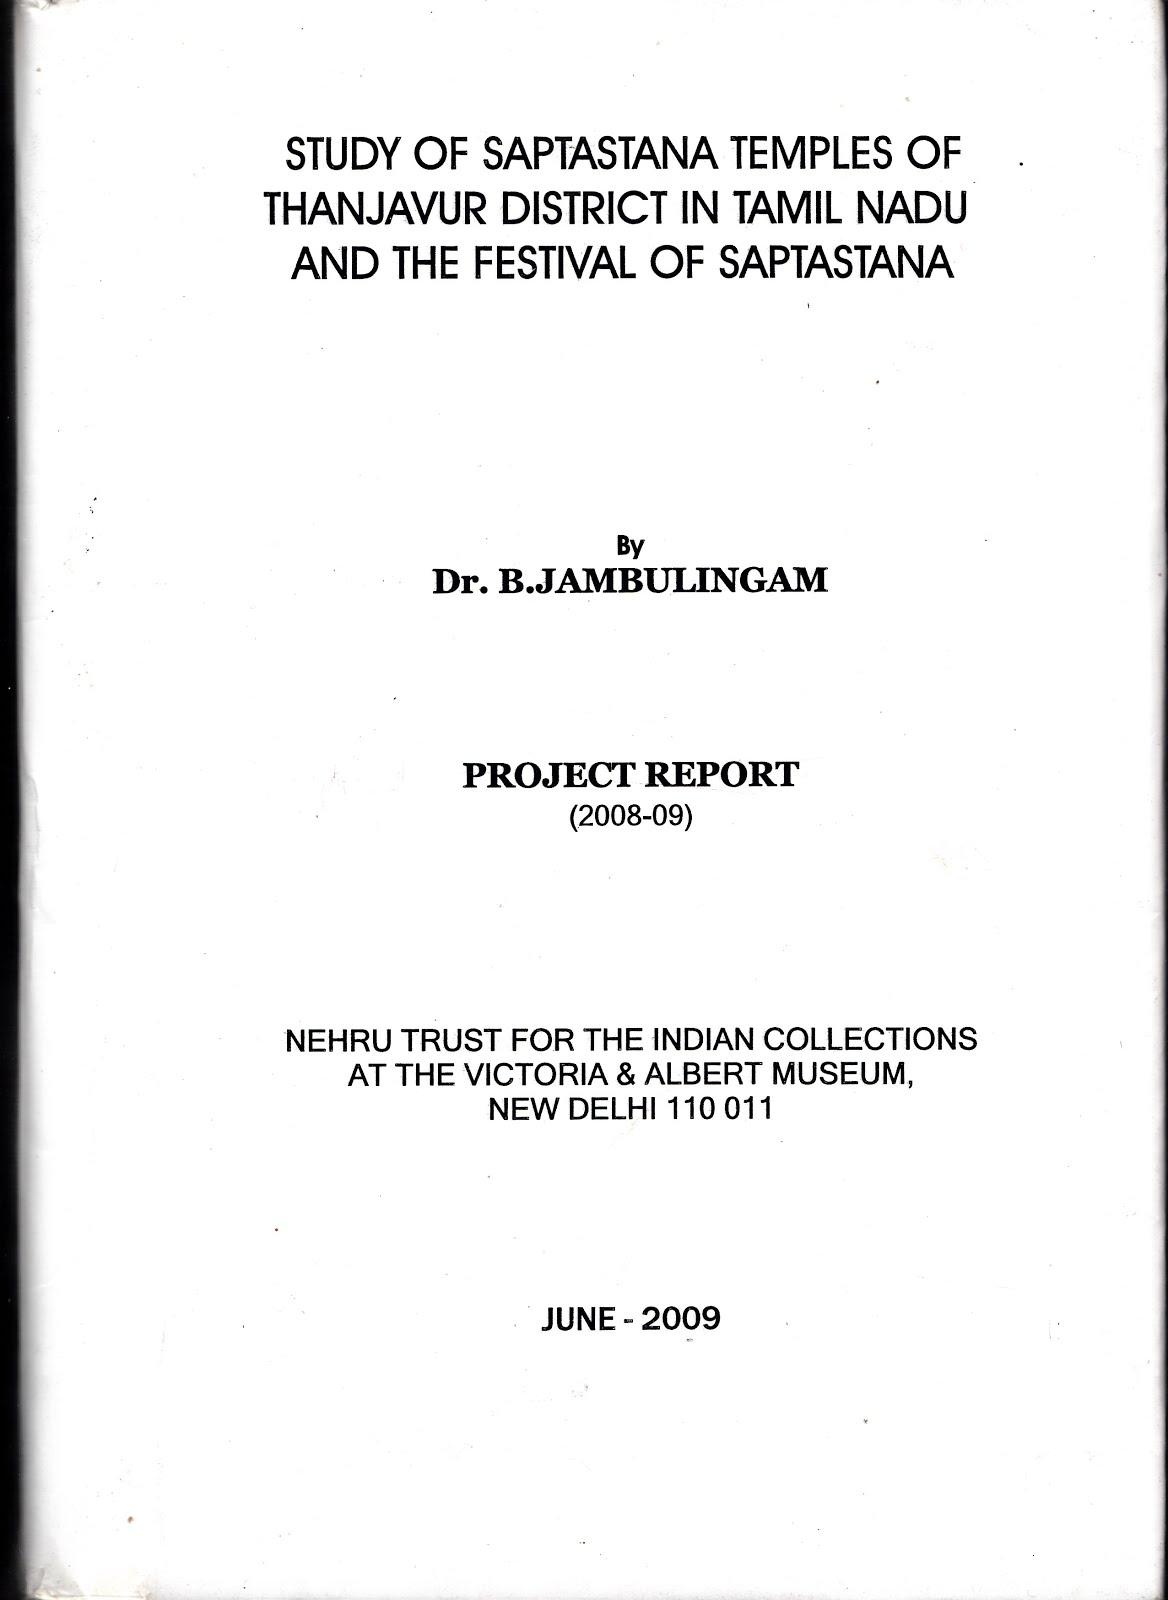 சப்தஸ்தானத் திட்டம்